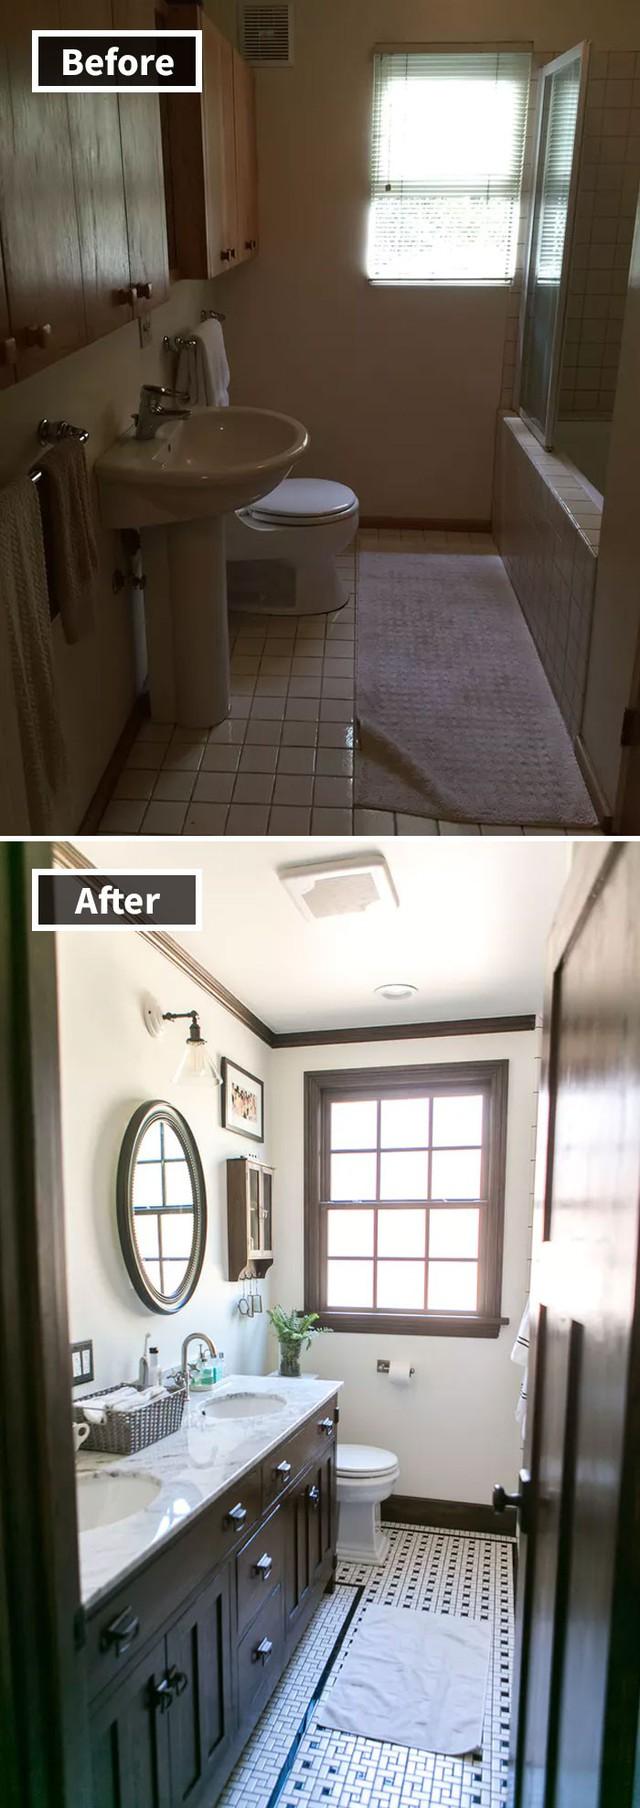 Phòng tắm ẩm thấp tối tăm được nới cửa sổ trở thành nơi tràn ngập ánh sáng tuyệt đẹp.